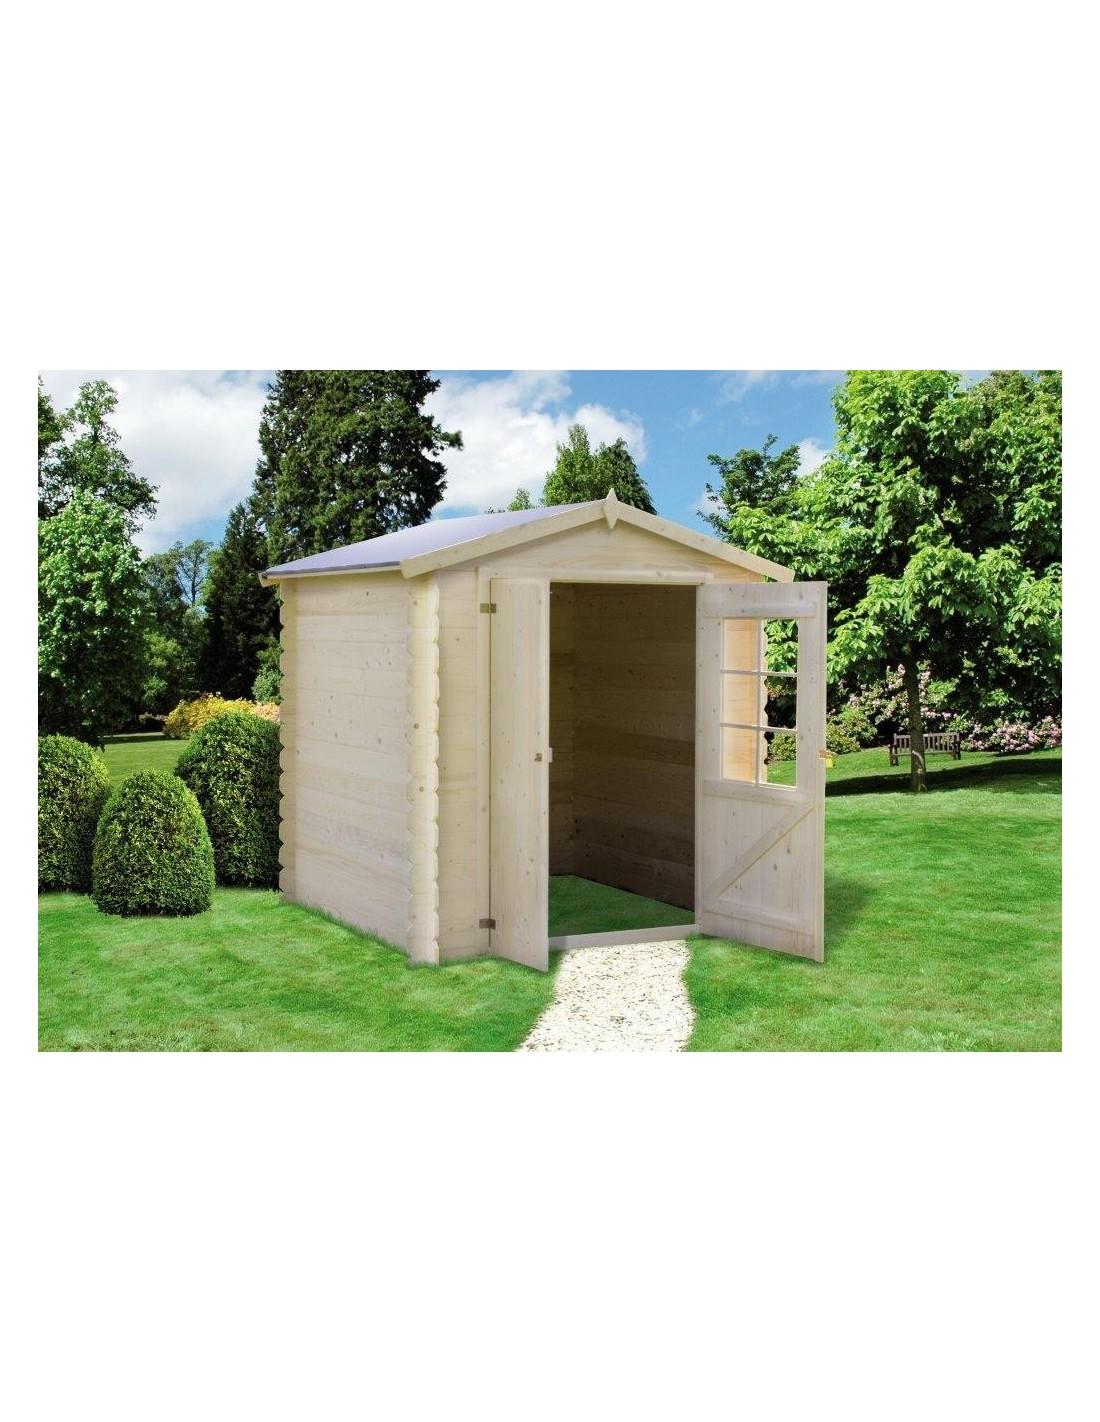 chalet de jardin en bois 2x2m paisseur 19mm2. Black Bedroom Furniture Sets. Home Design Ideas